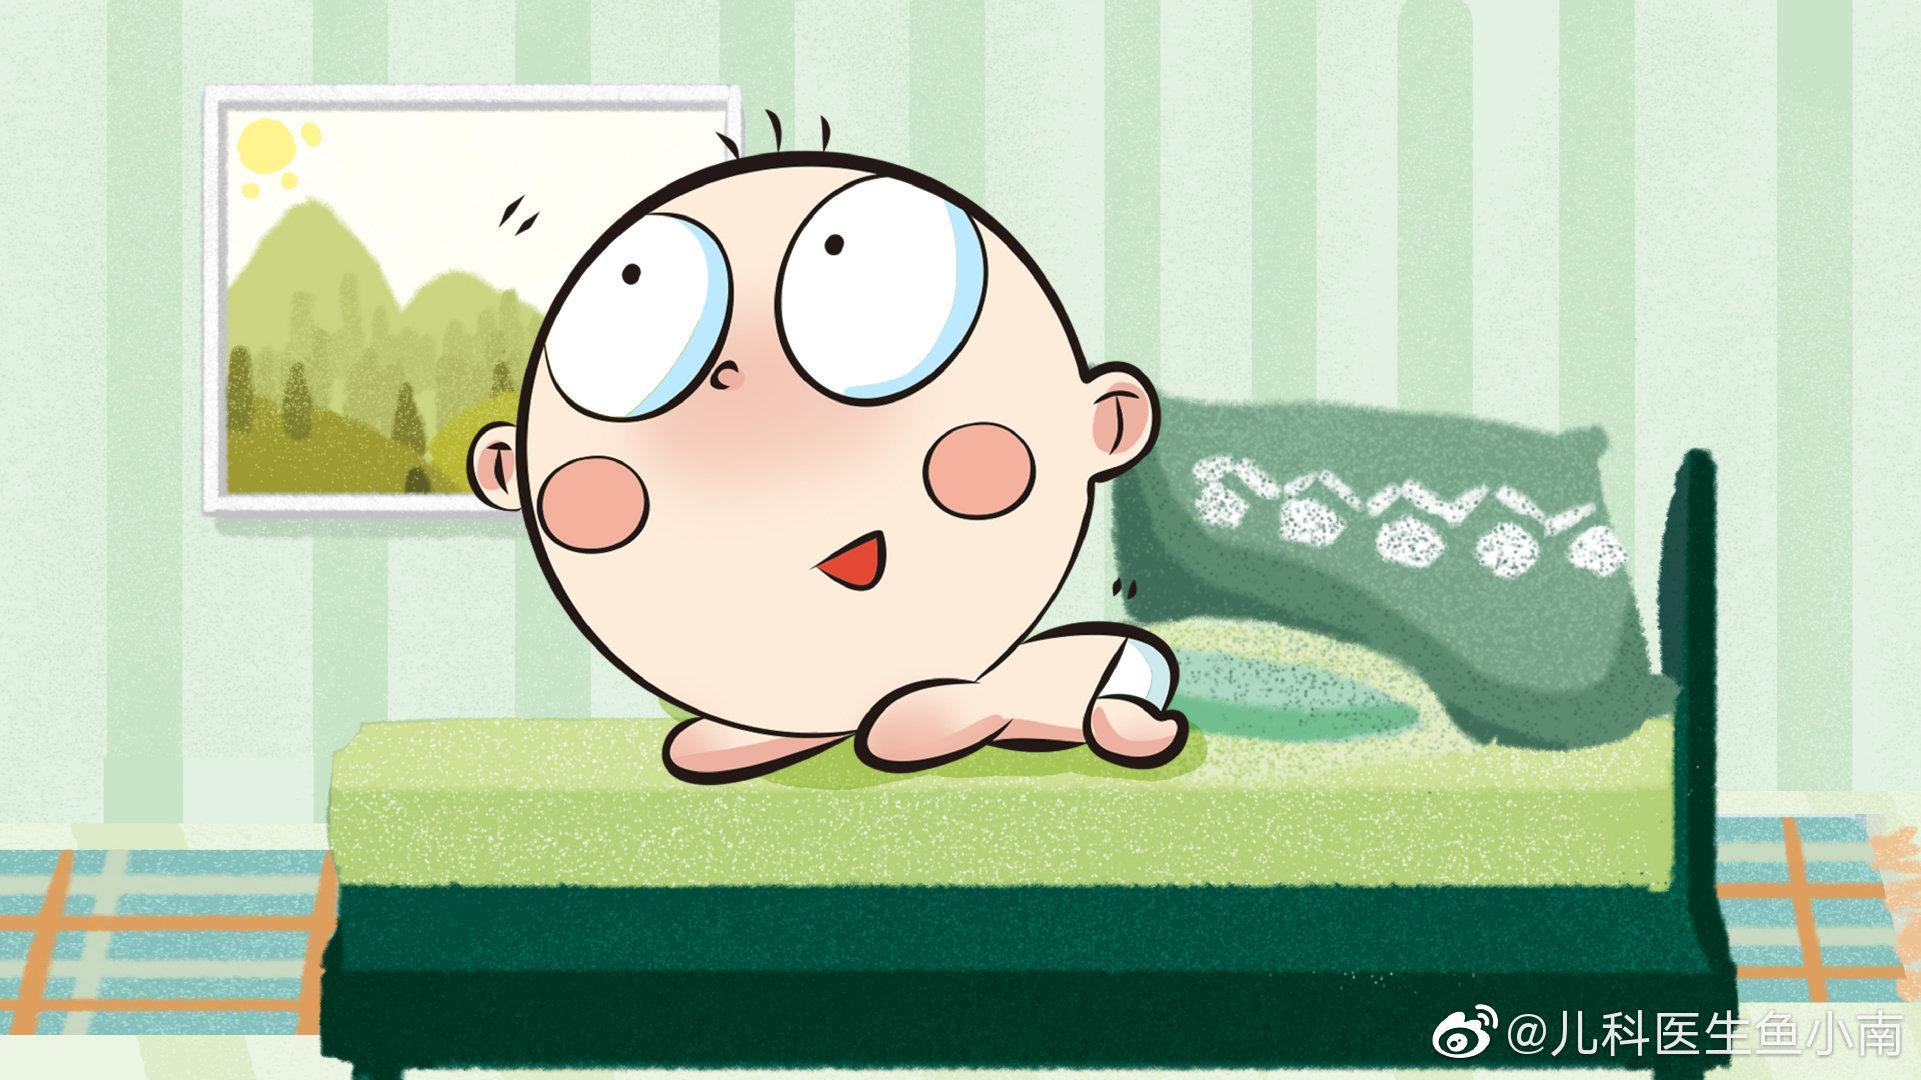 宝3-6月了,该发展一下个人能力和社交技能了